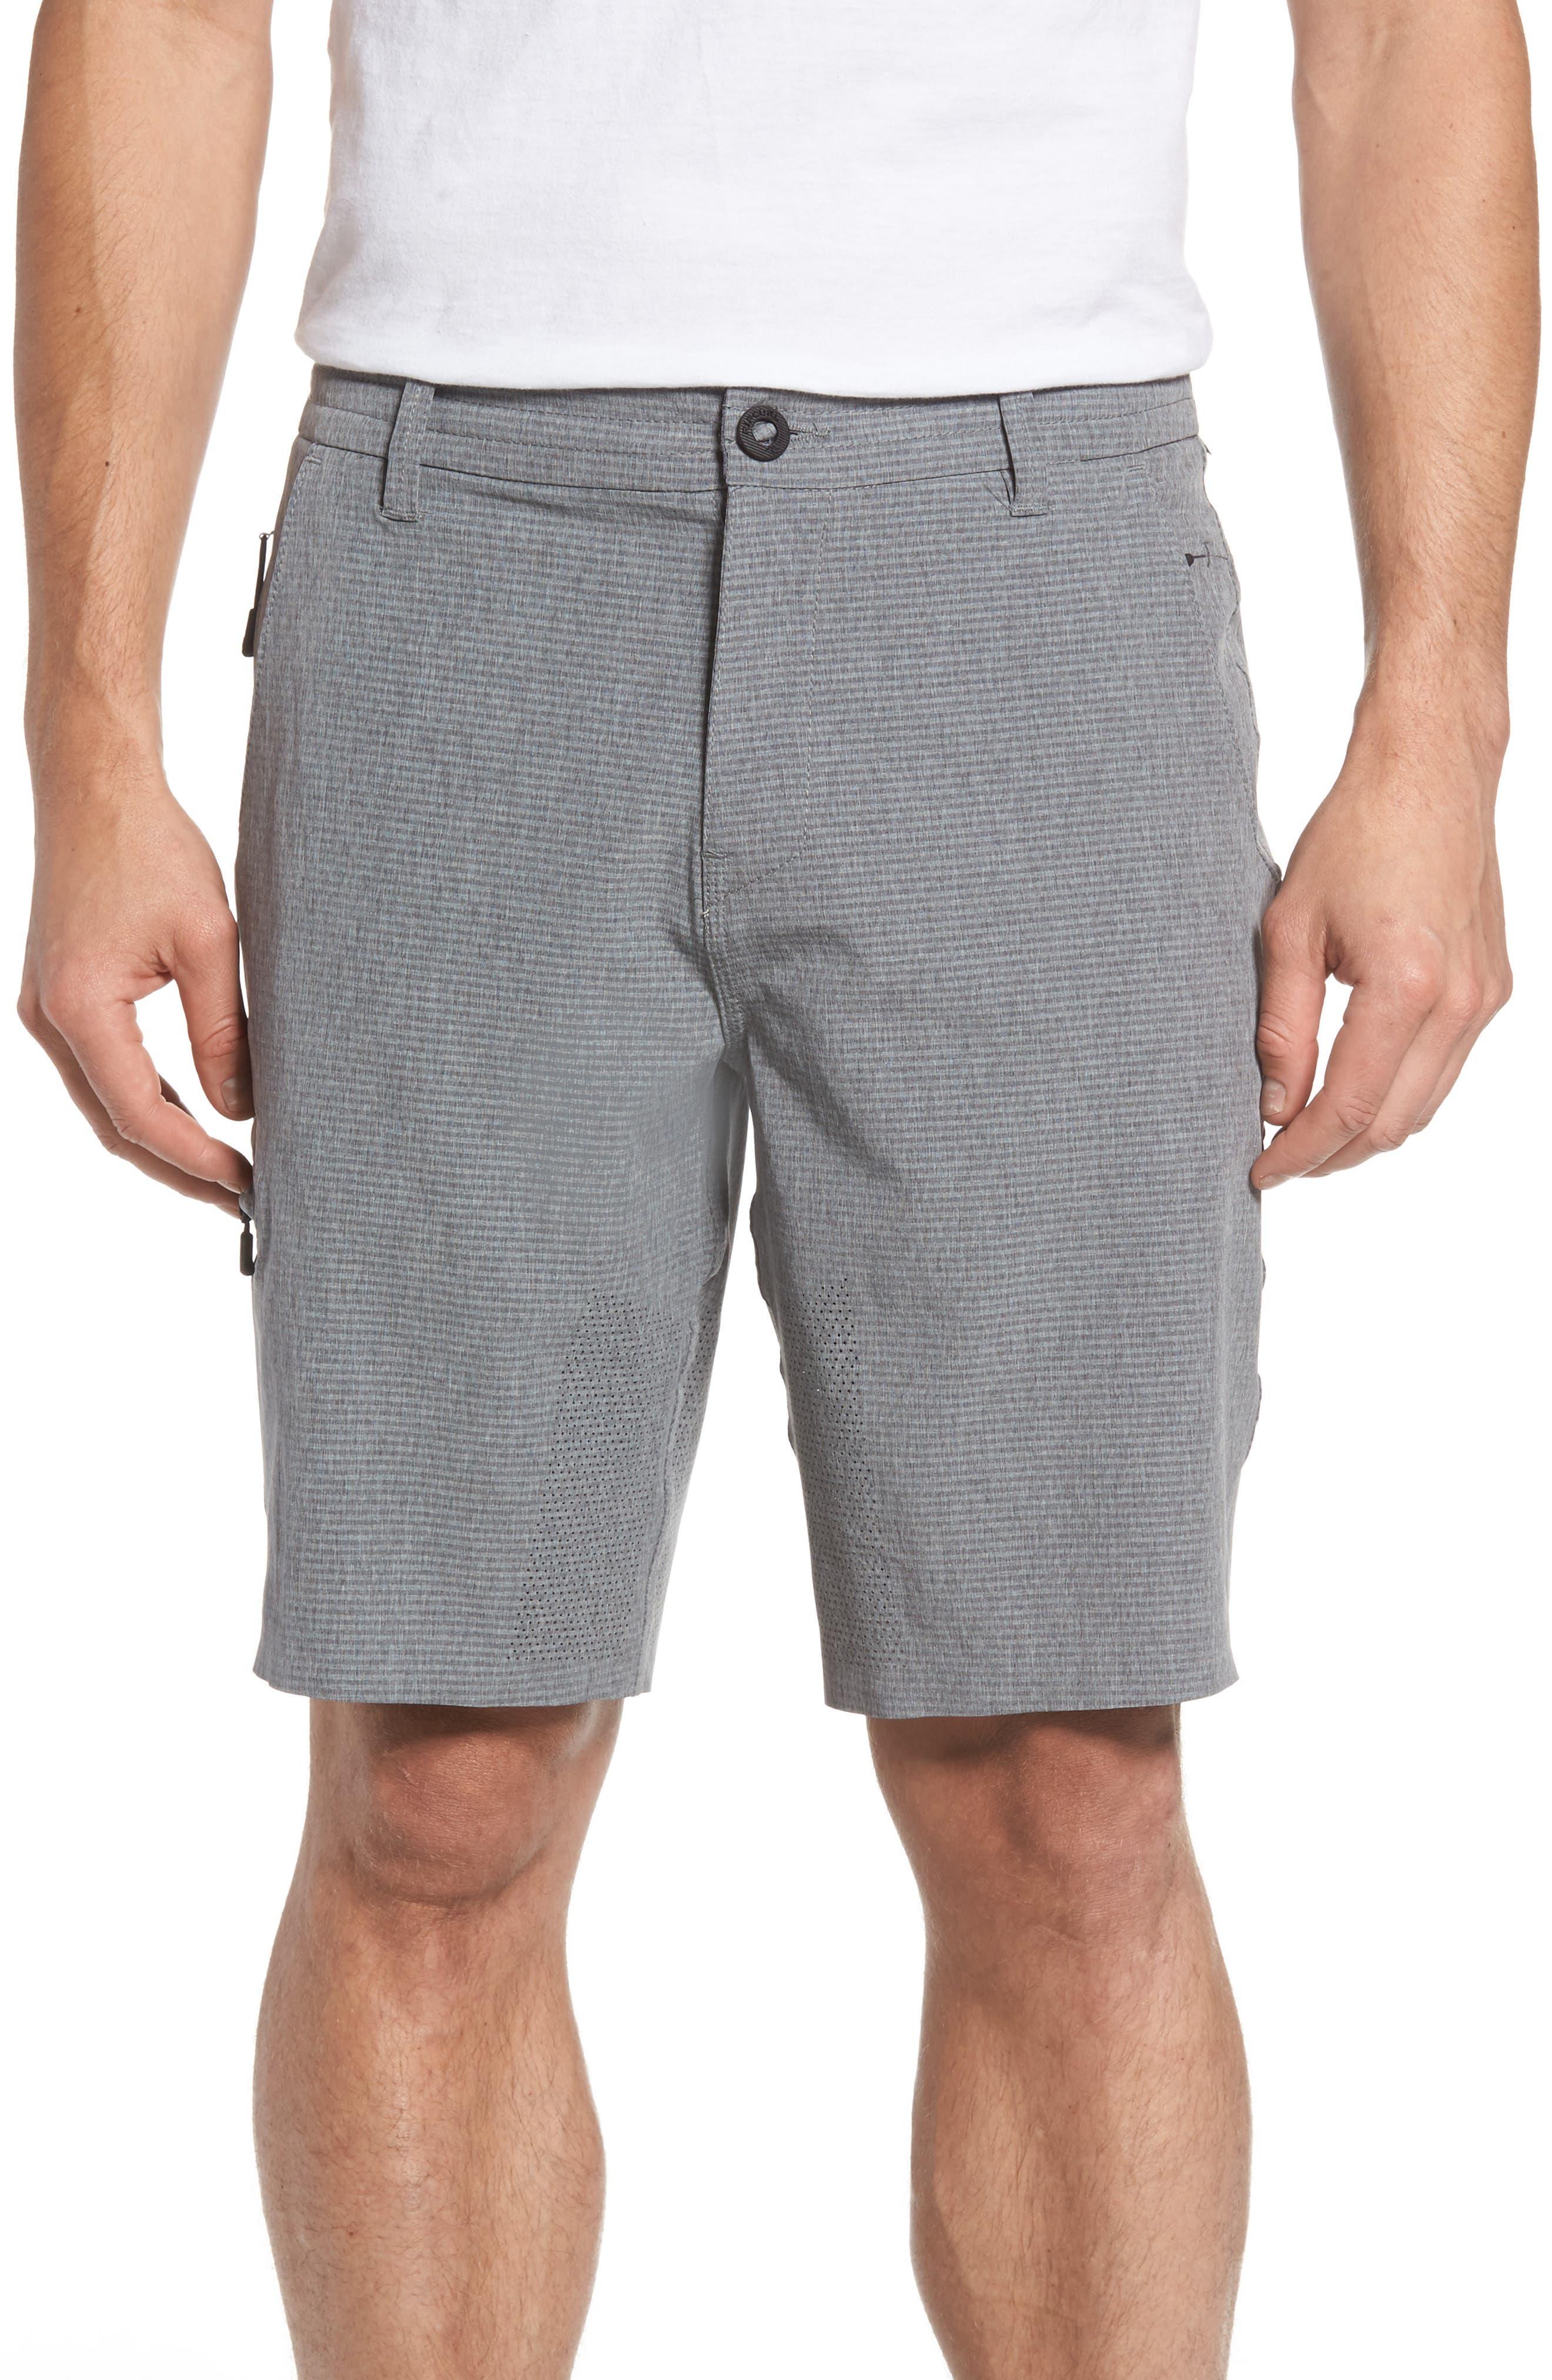 Rip Curl MF Global Entry Boardwalk Hybrid Shorts